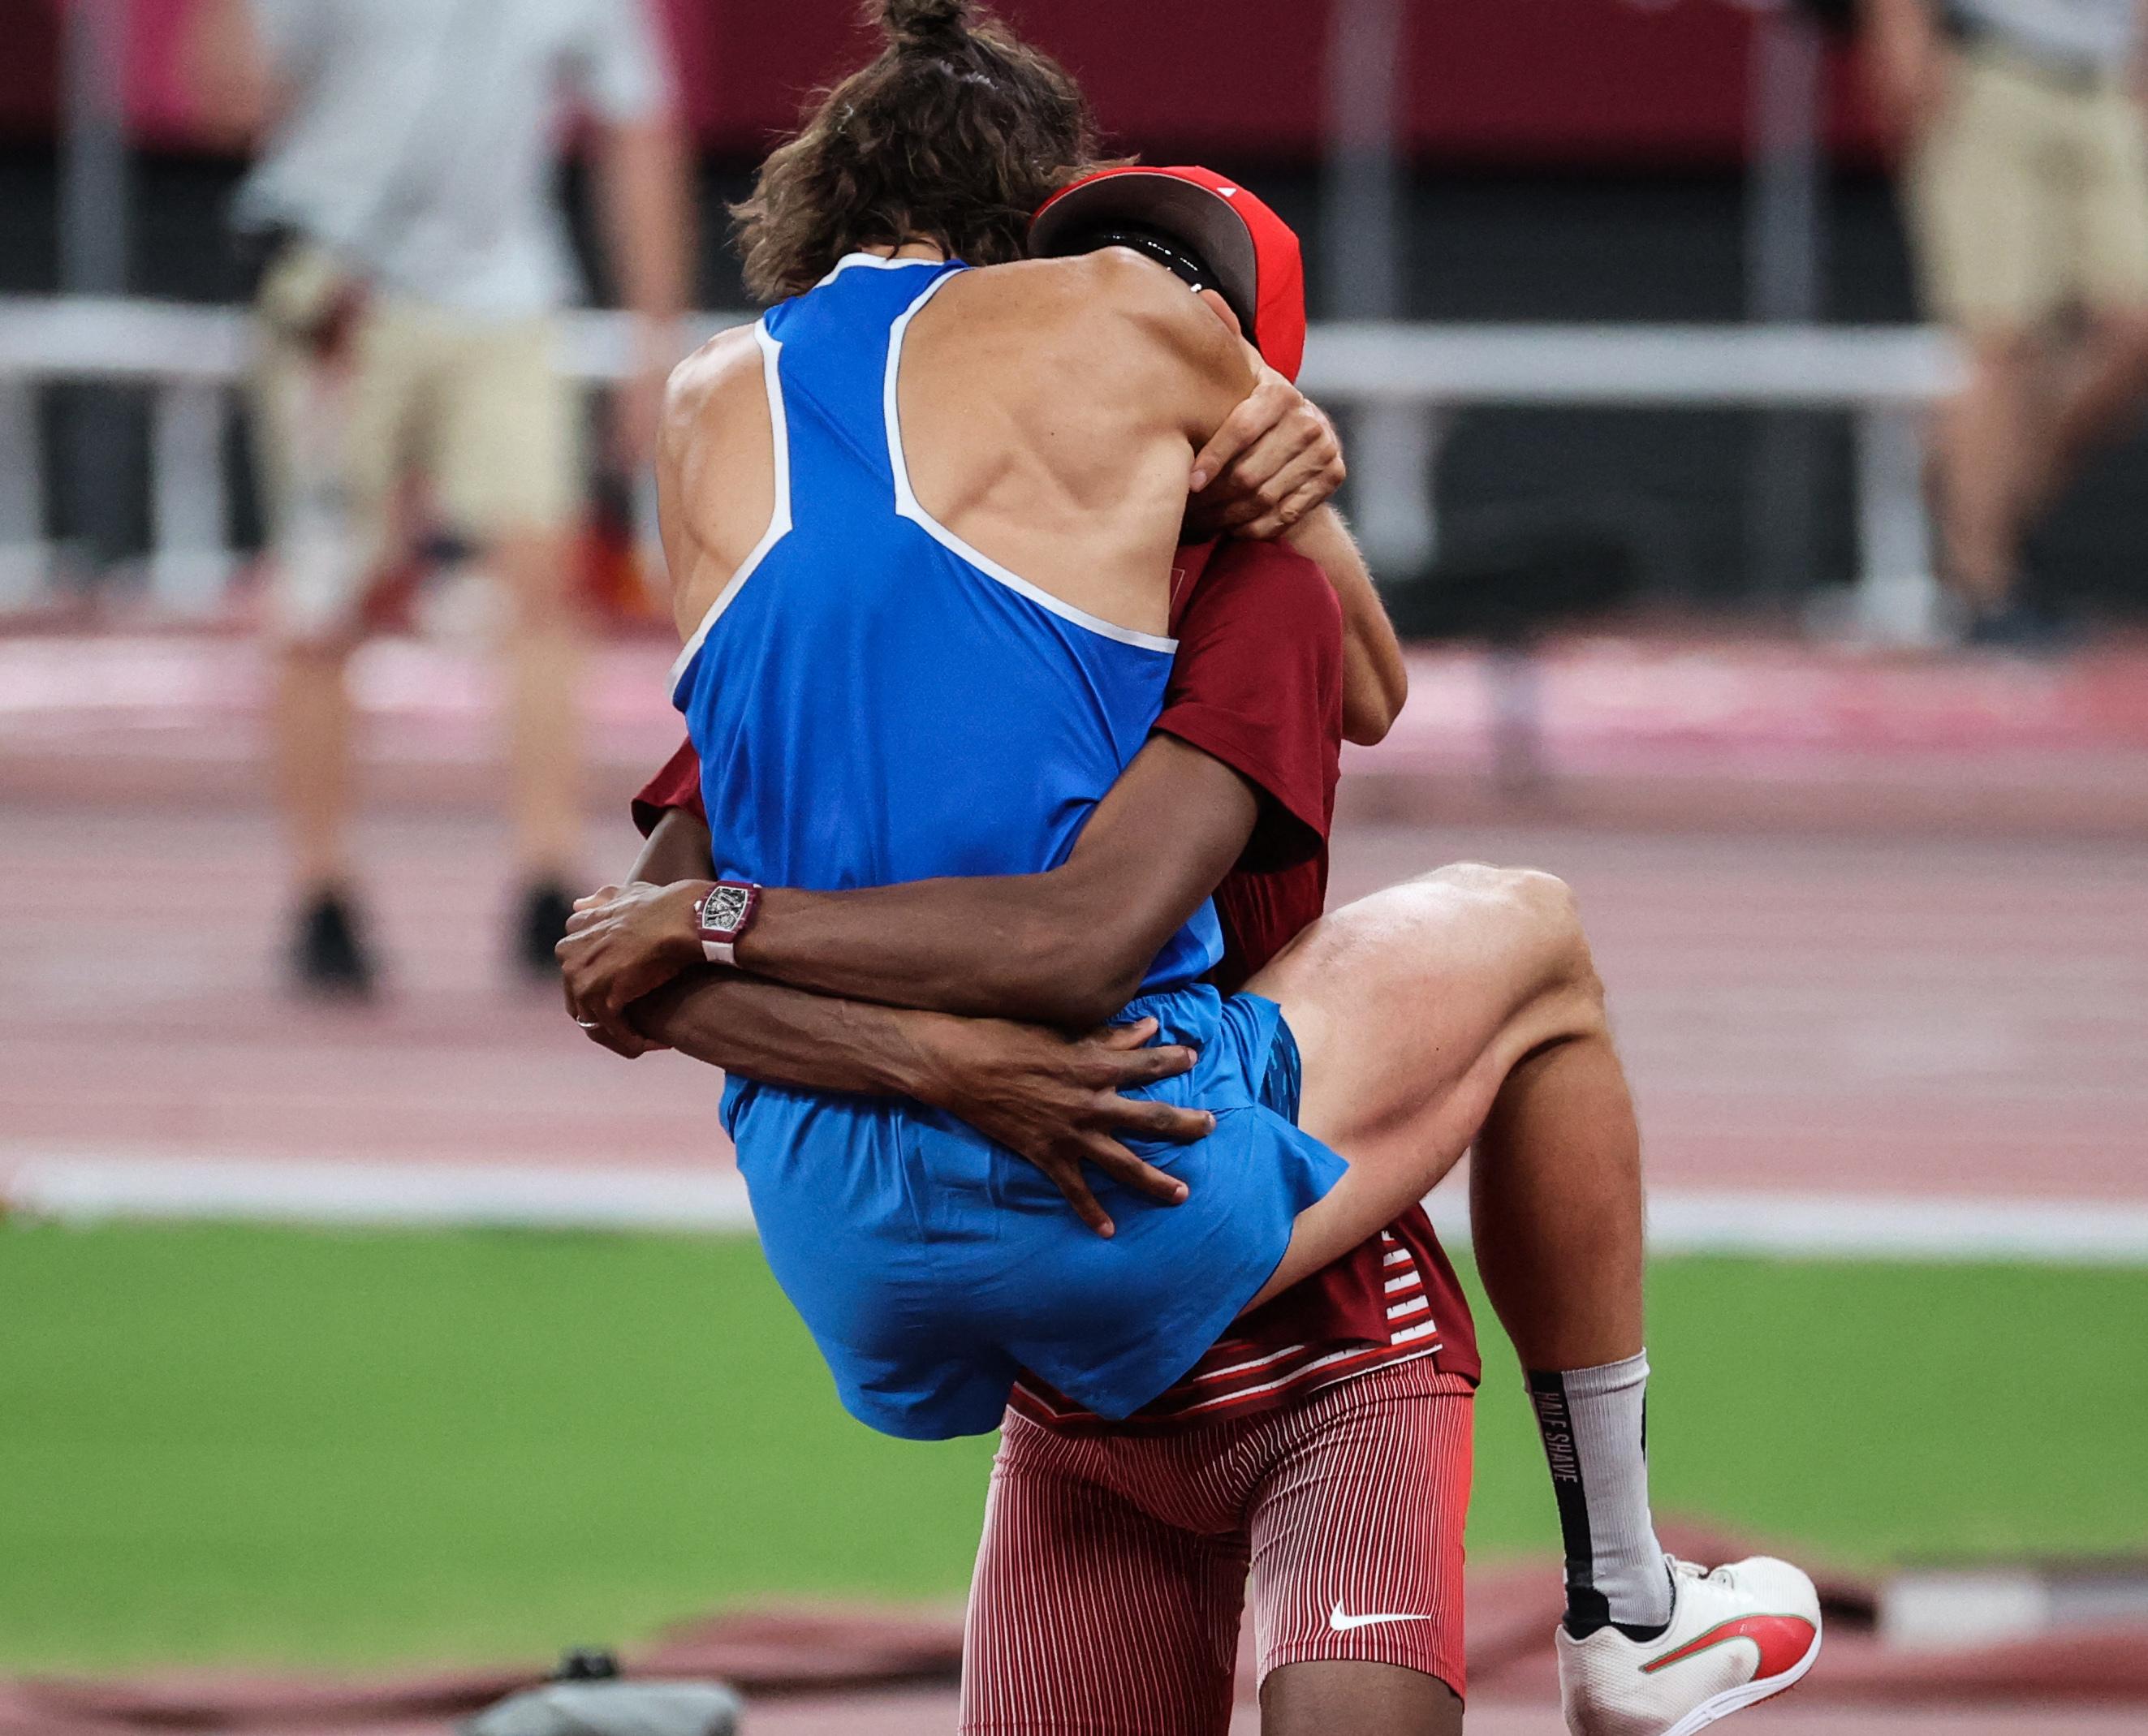 Kézfogással döntötték el, ki lesz férfi magasugrásban az olimpiai bajnok